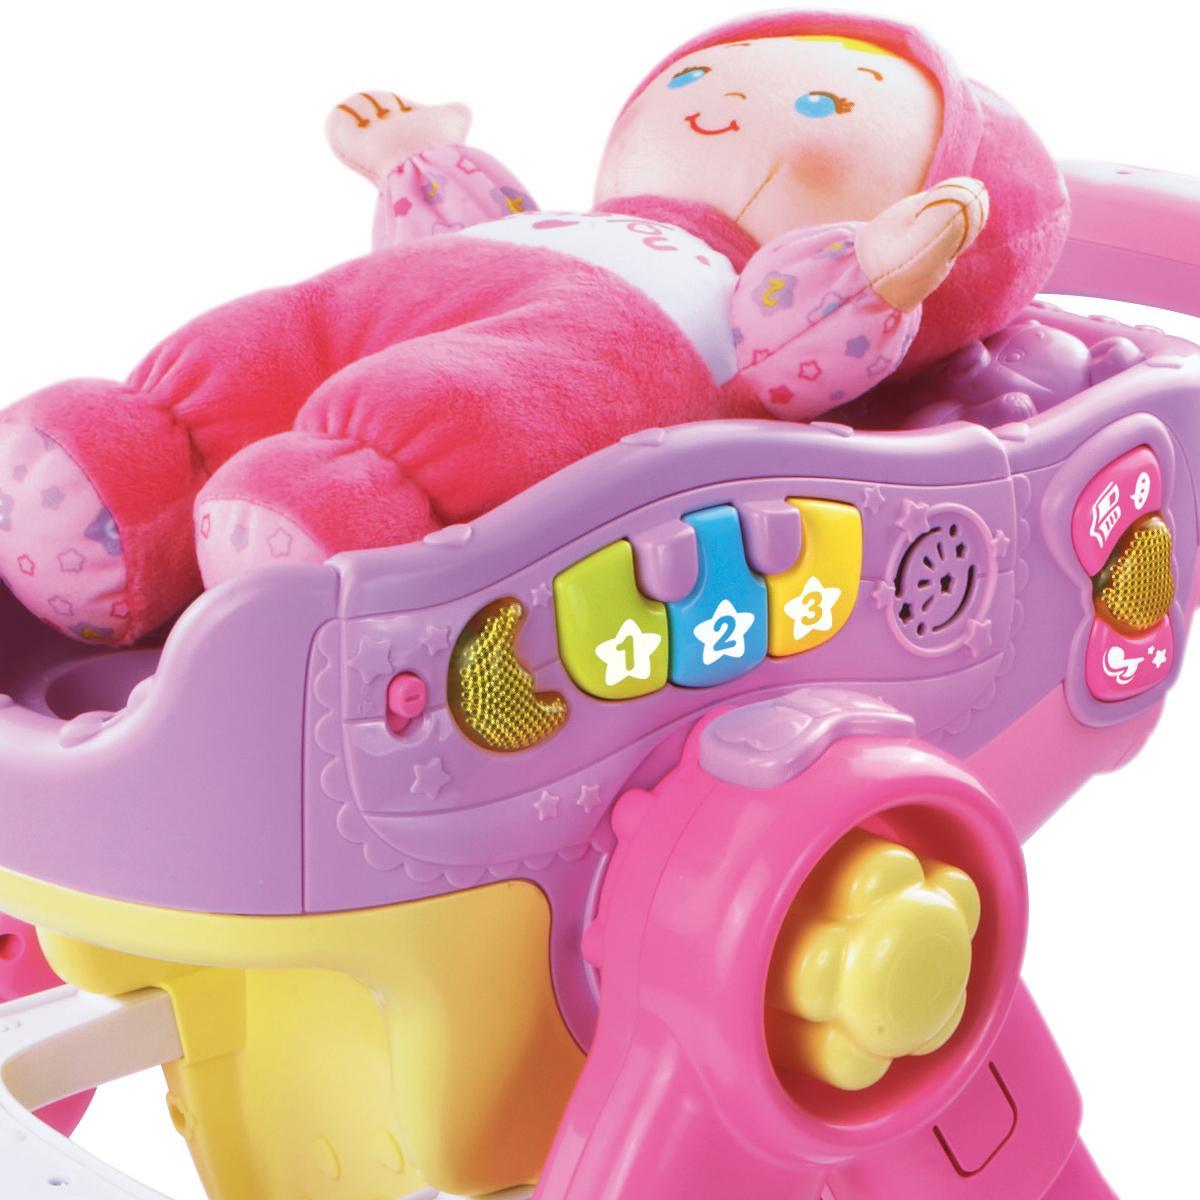 VTech Expands Innovative Baby Amaze Doll Line